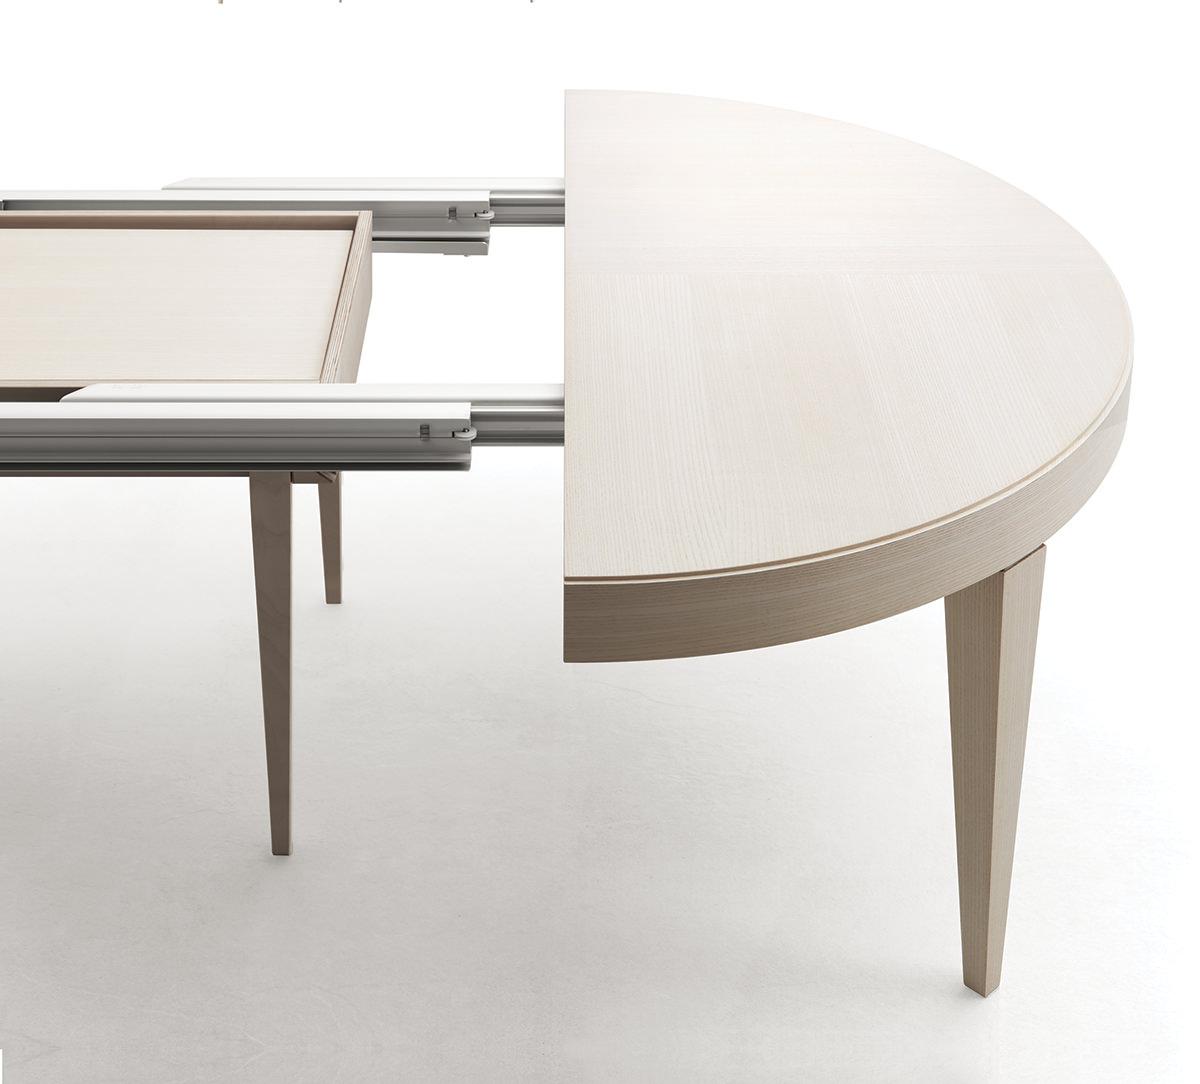 Tavolo allungabile edo tondo prodotti - Dimensioni tavolo tondo 4 persone ...